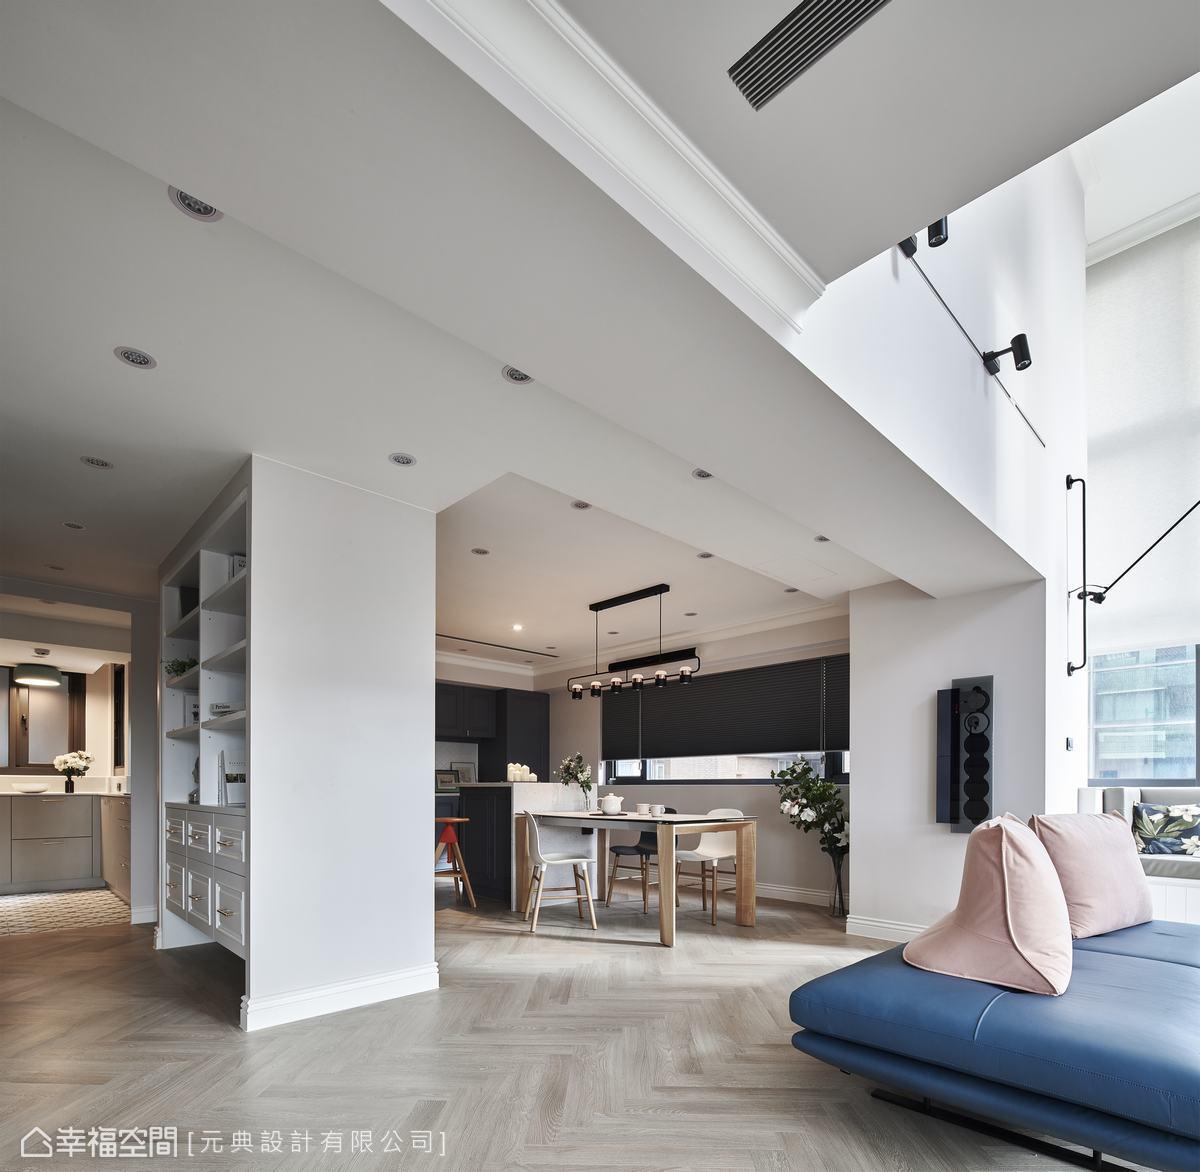 餐廚區規劃成雙動線的模式,隔間櫃體可雙面使用,通往廚房的走道旁作為書櫃使用,既能節省空間也更方便拿取置放。